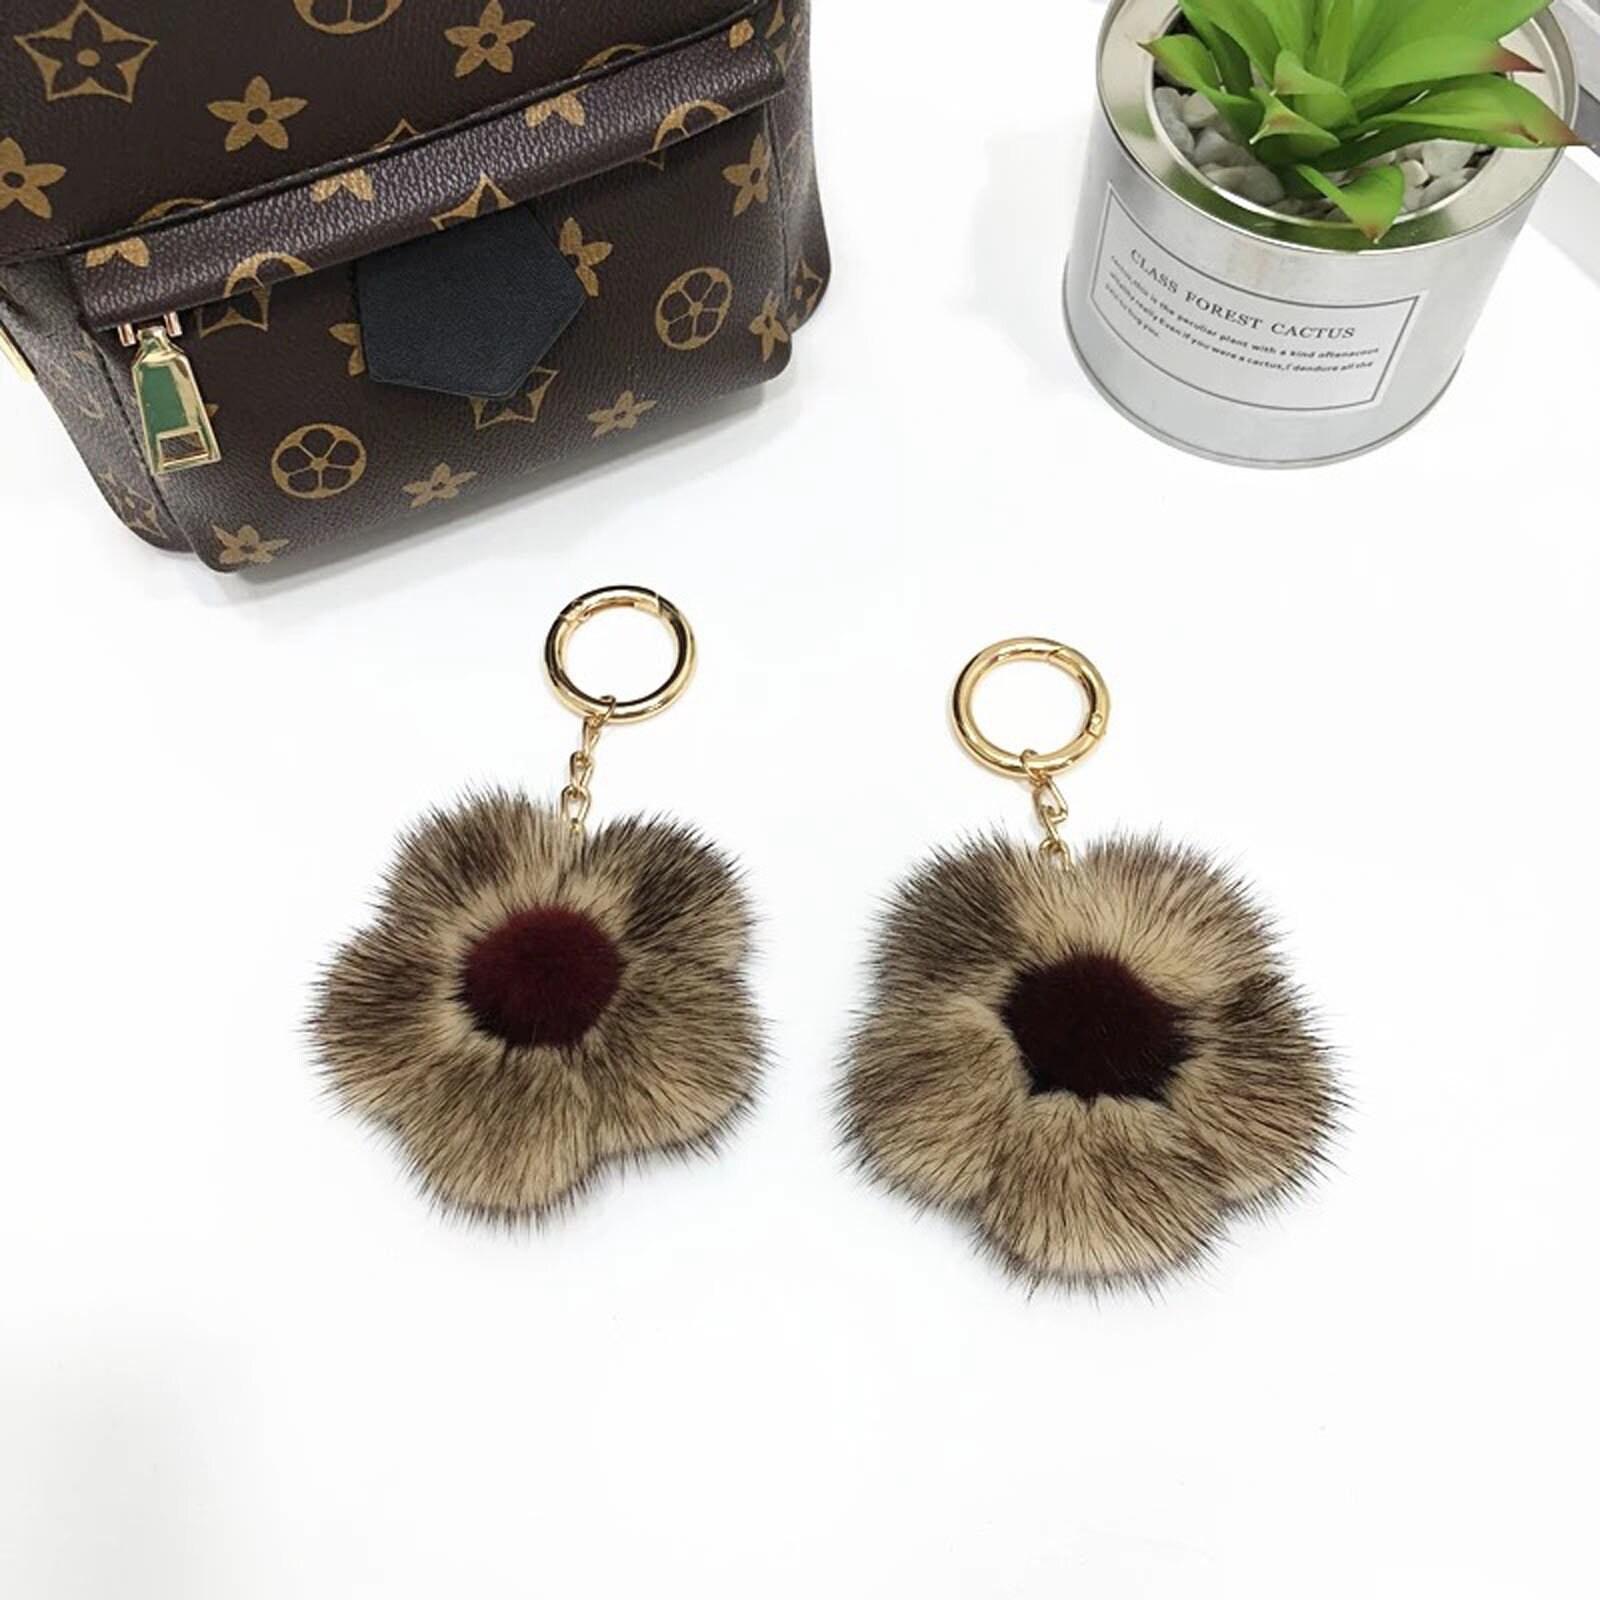 886f6531309 Gorgeous Mink Fur Pompom Cherry blossoms Bag Charm Pendant Fur   Etsy